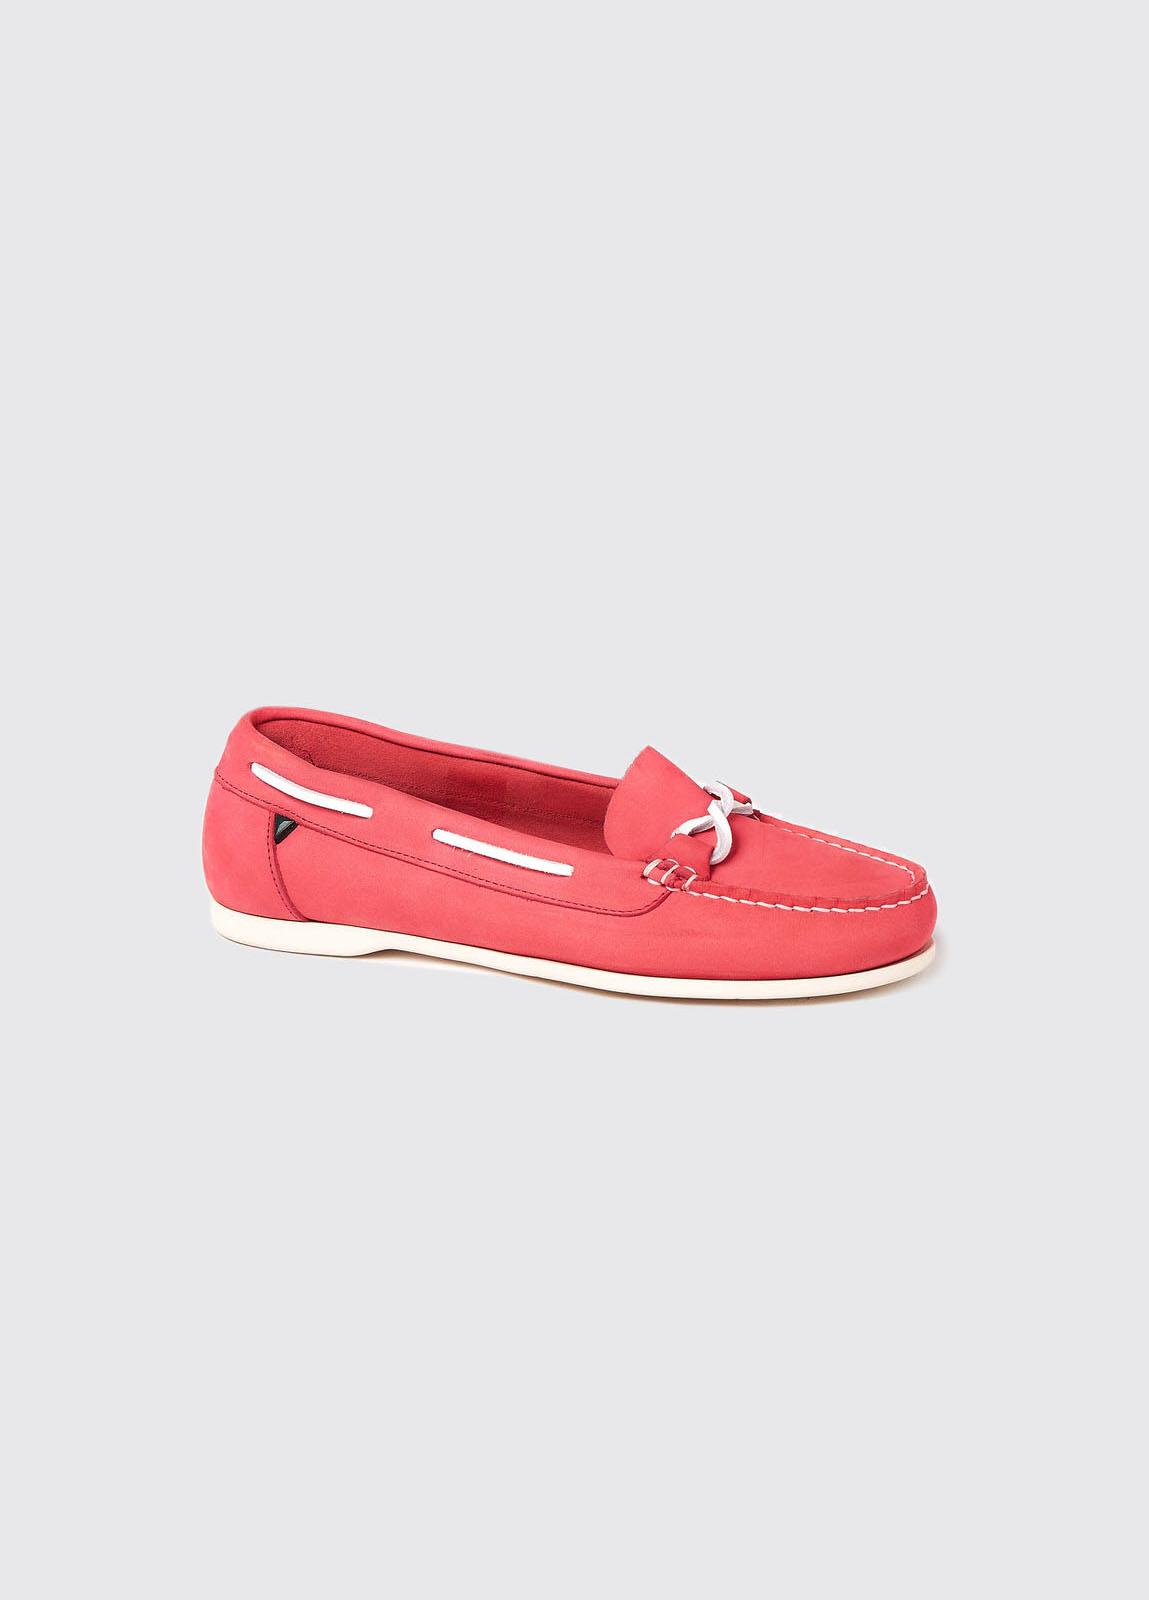 Rhodes Deck Shoe - Coral